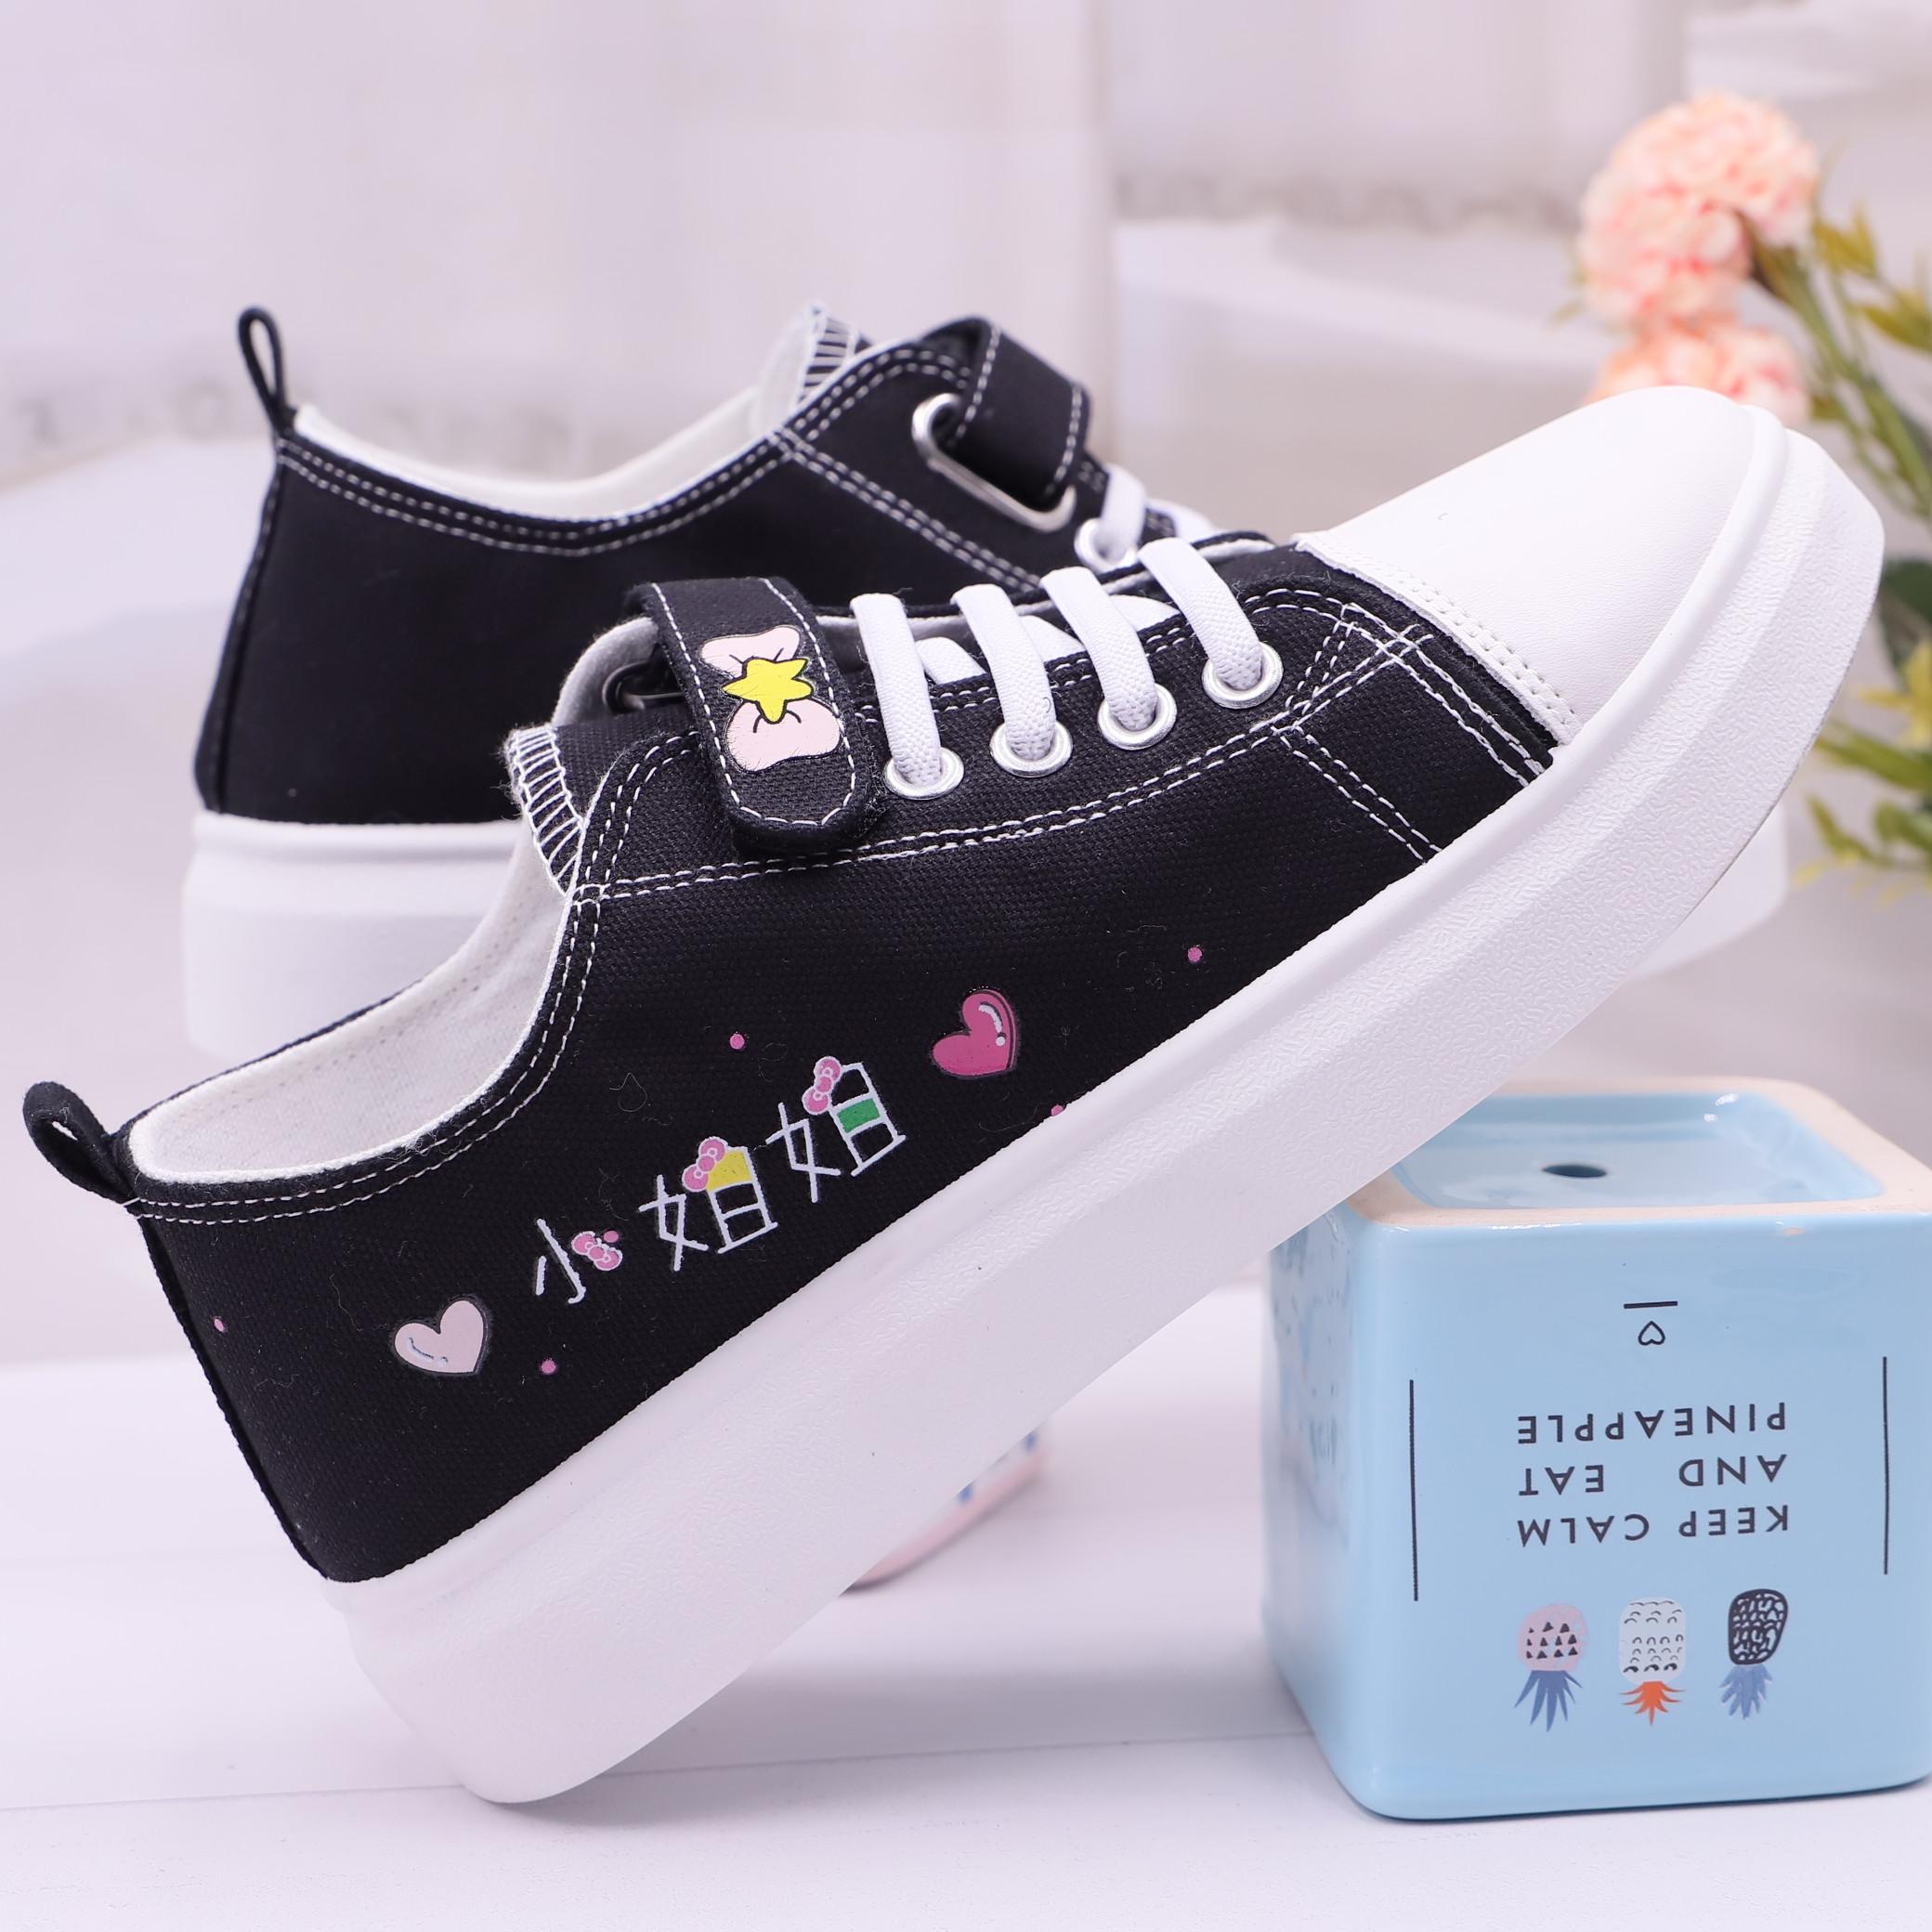 夏季简约女孩子帆布鞋中大童板鞋跑步鞋初中生小学生平底休闲球鞋